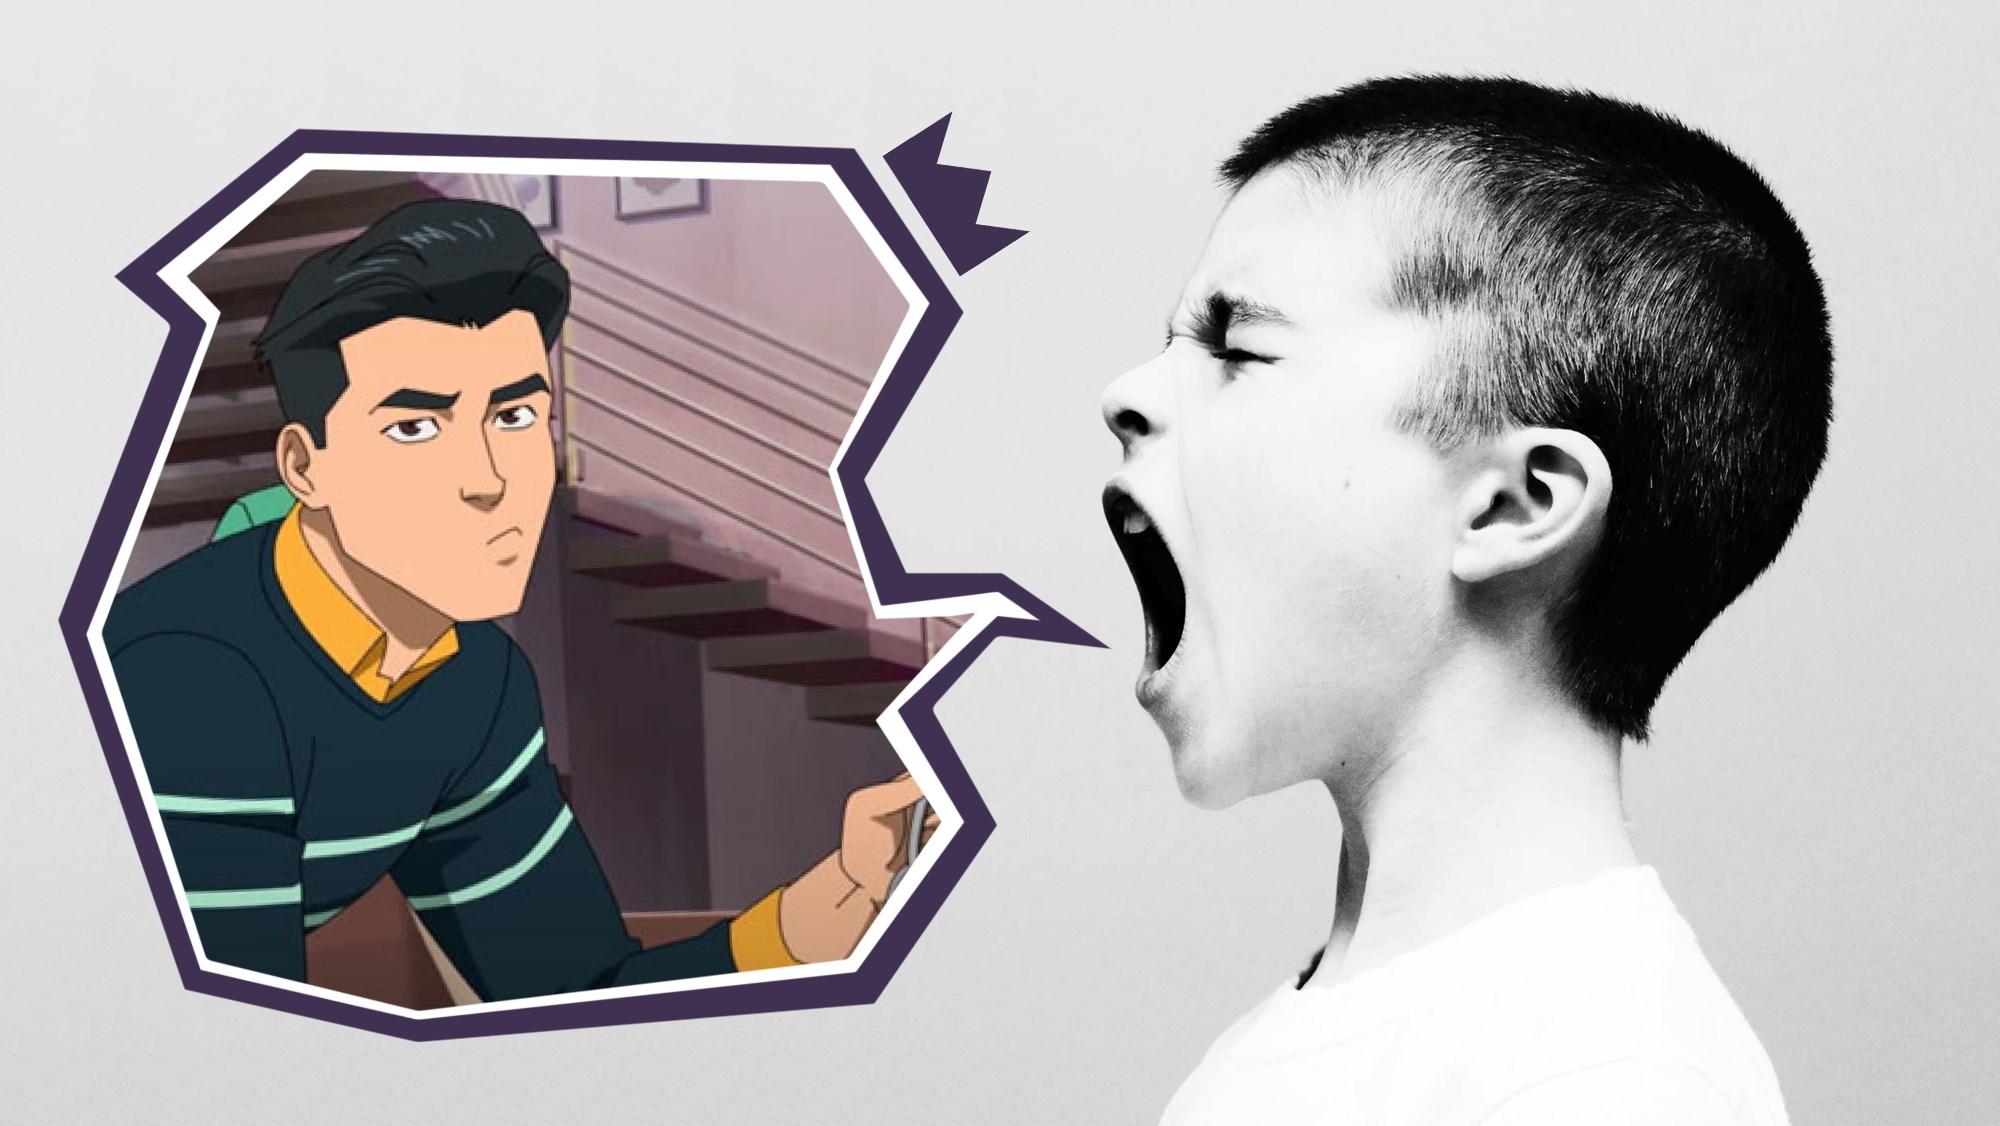 Kommentar Zeichentrickserien für Erwachsene